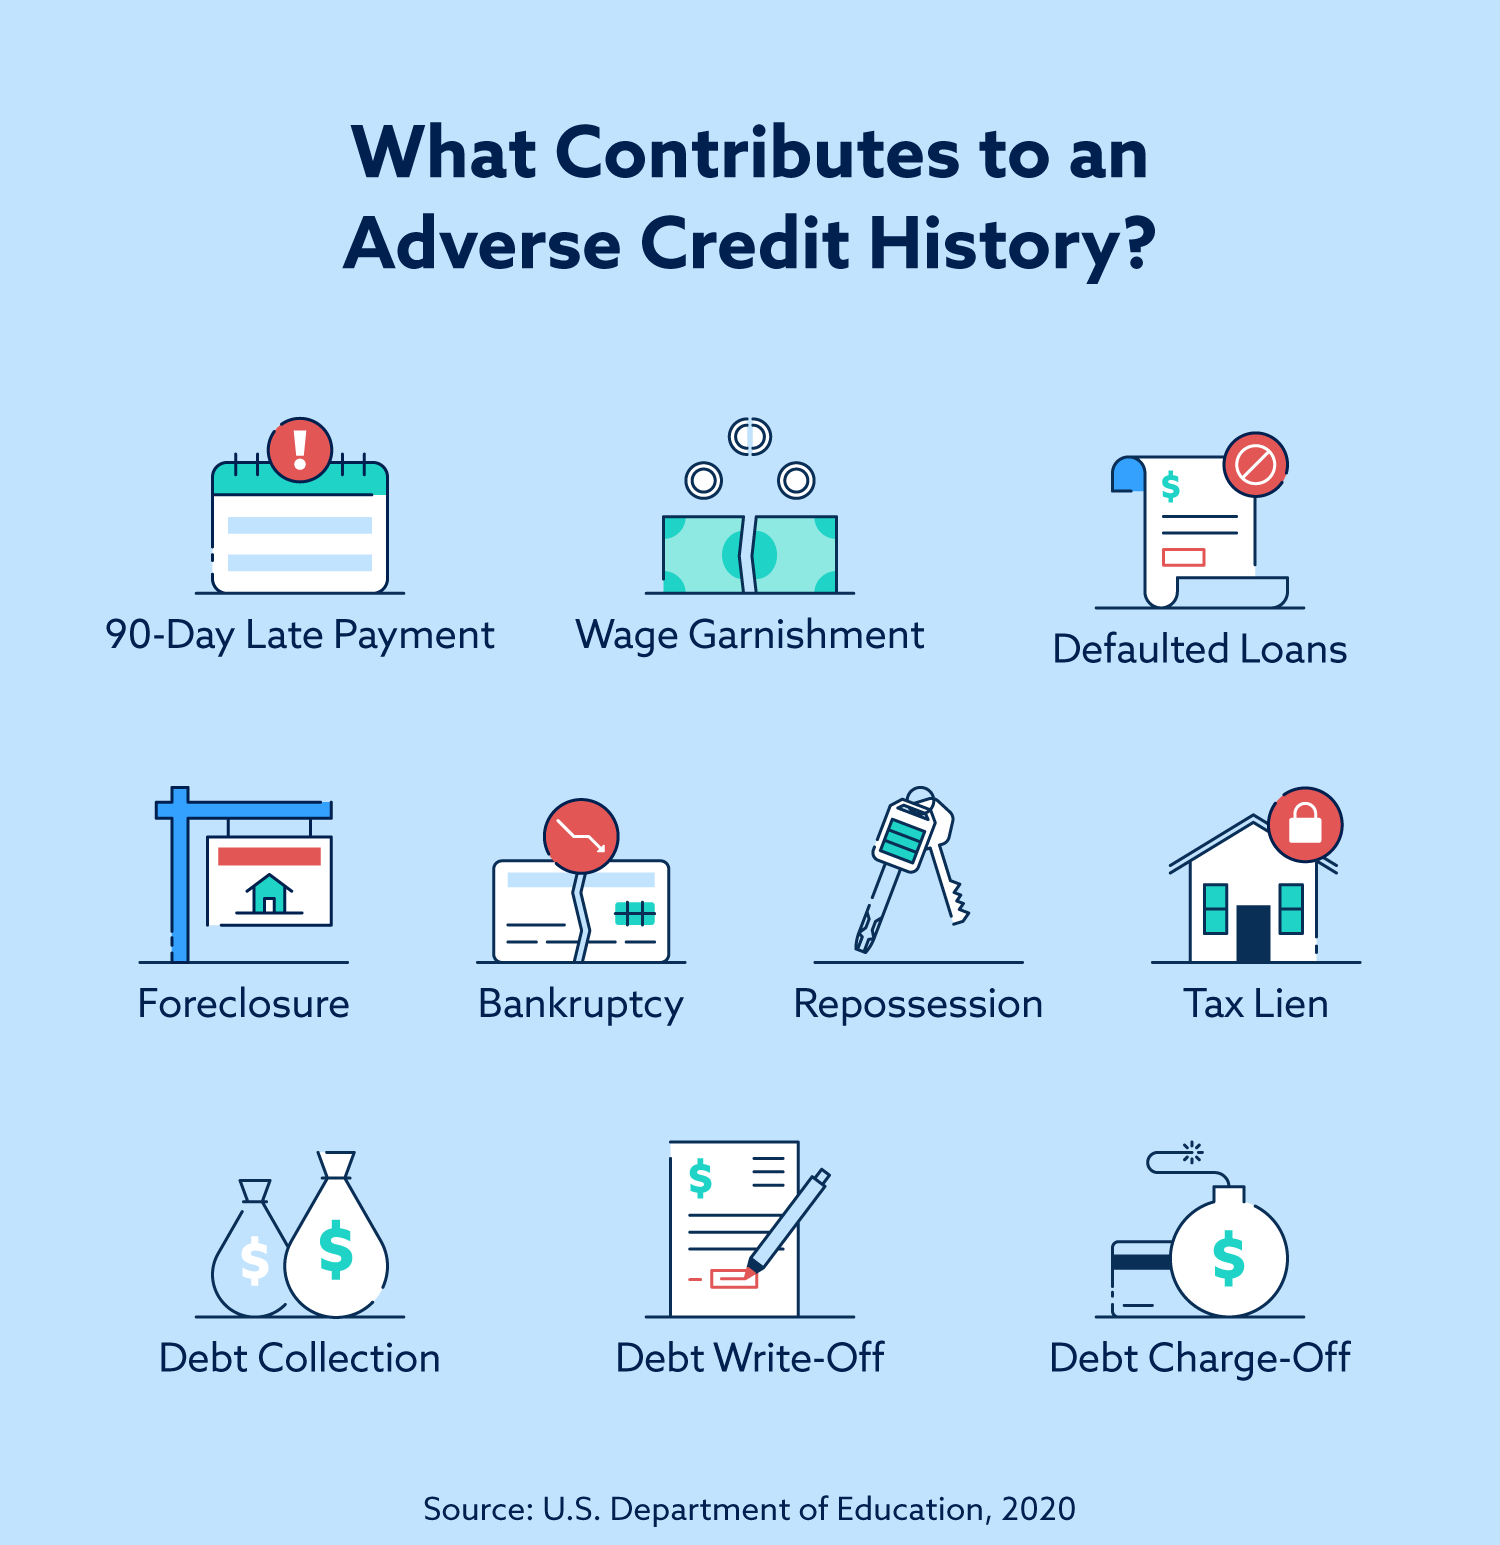 ¿Qué contribuye a un historial crediticio adverso? Pagos atrasados de 90 días, embargo de salario, préstamos en mora, ejecución hipotecaria, quiebra, recuperación, gravamen de impuestos, cobro de deudas, cancelación de deudas y cancelación de deudas son solo algunas cosas.